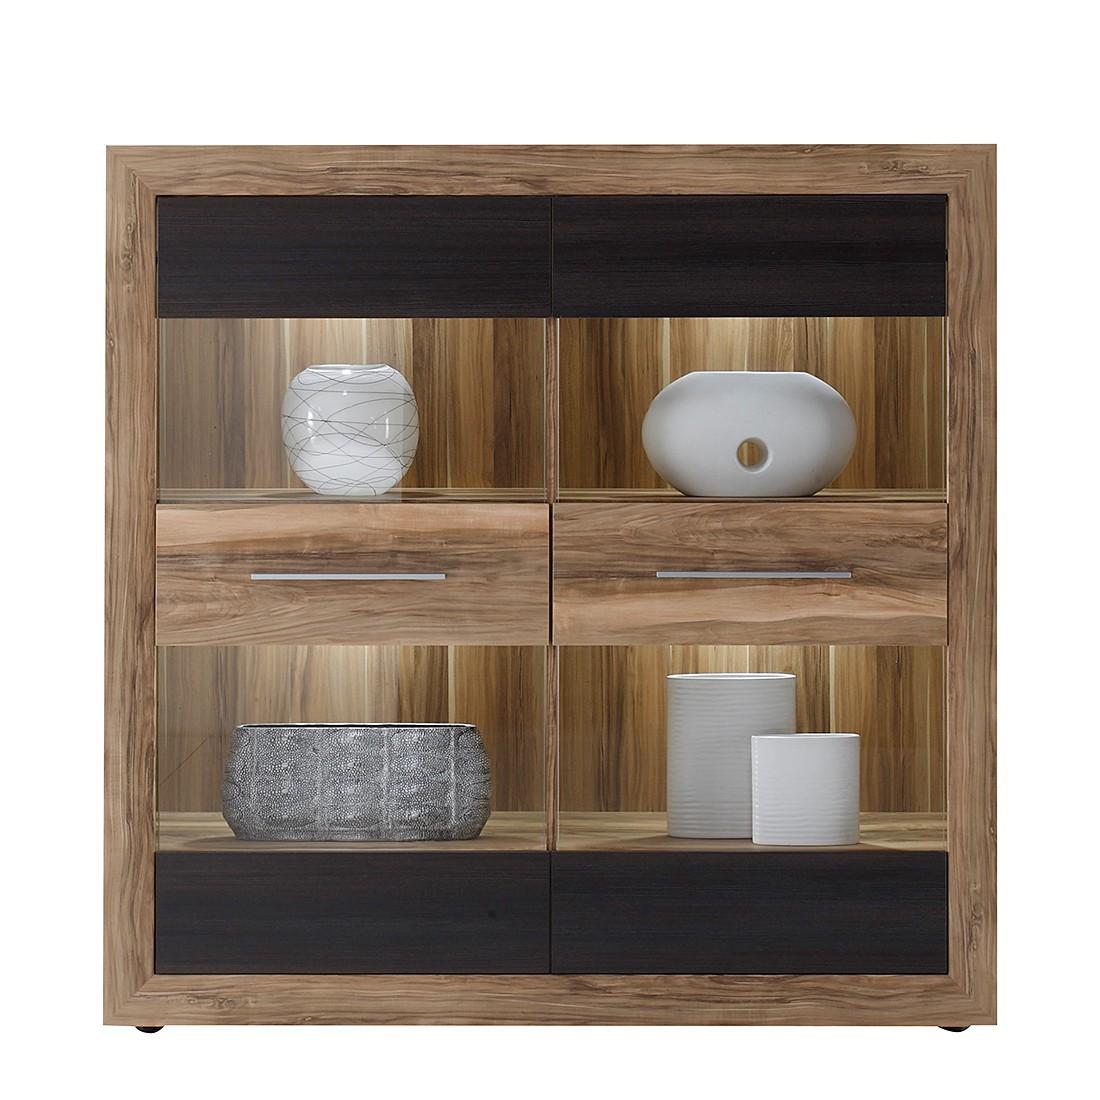 highboard minalu nussbaum dunkelbraun modoform g nstig online kaufen. Black Bedroom Furniture Sets. Home Design Ideas